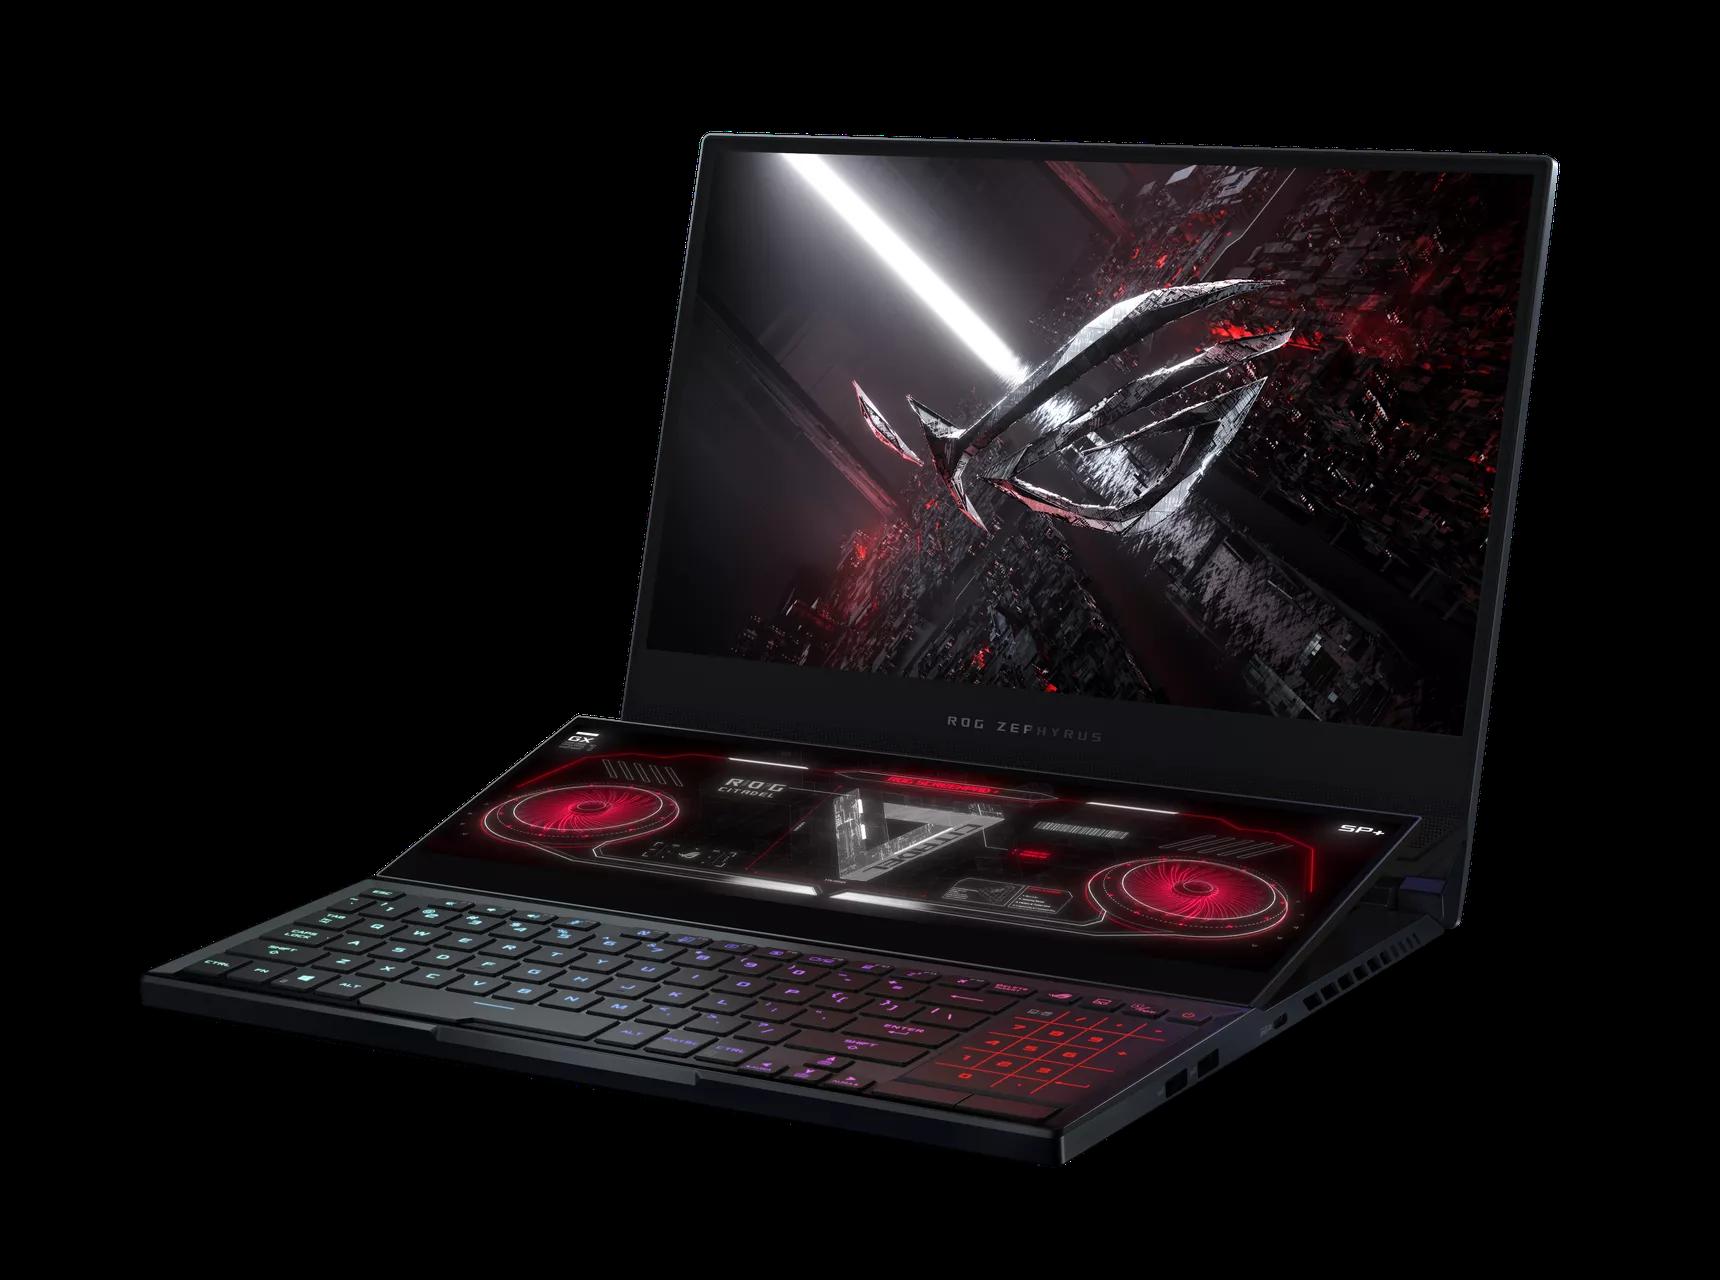 Asus trình làng dòng laptop chơi game ROG 2021 mới, bao gồm một phiên bản có thể biến đổi